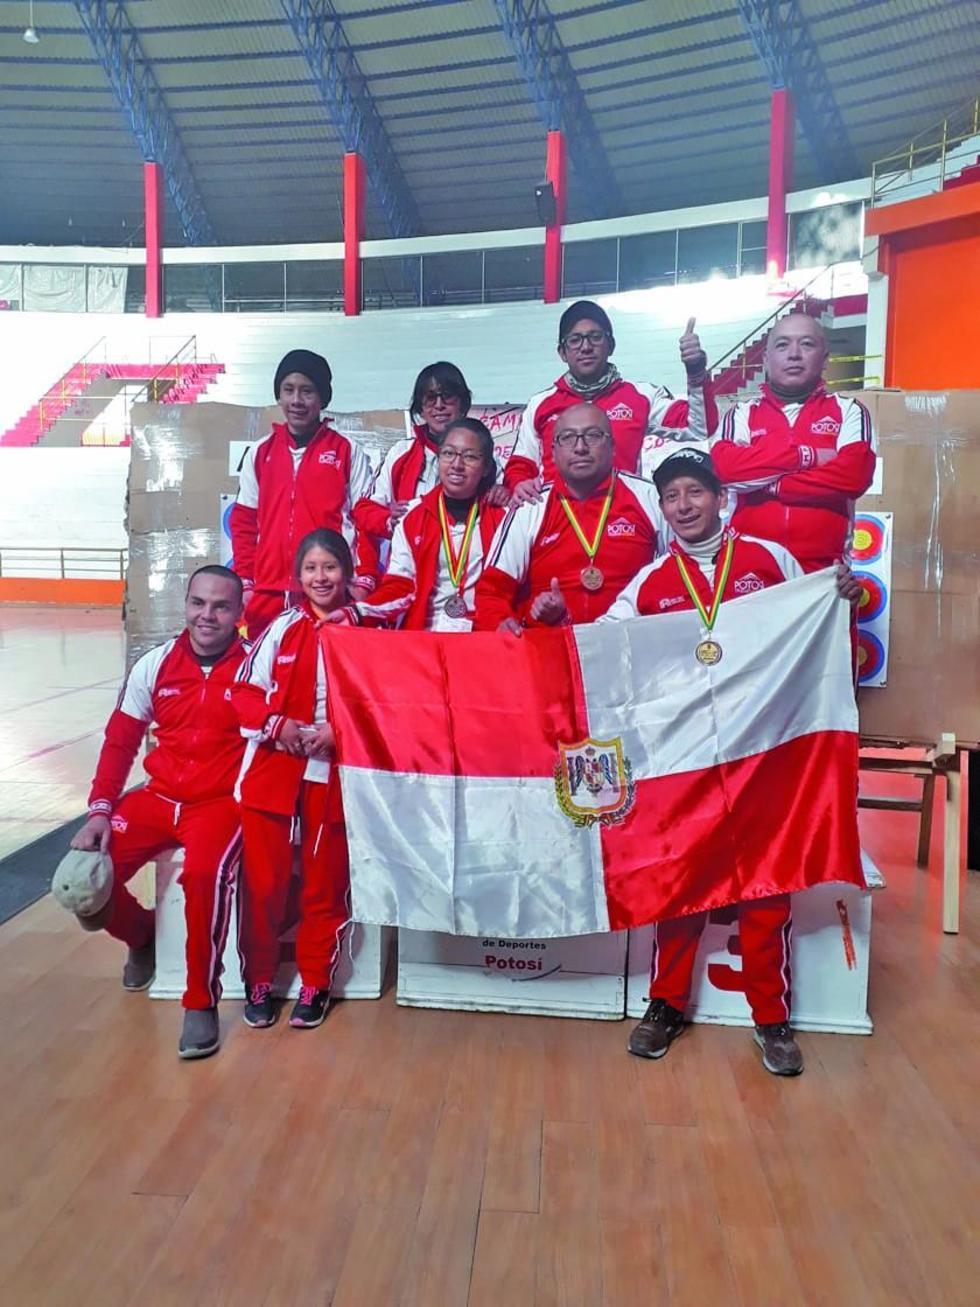 El equipo potosino se ubico en el quinto lugar con una plata y un bronce.